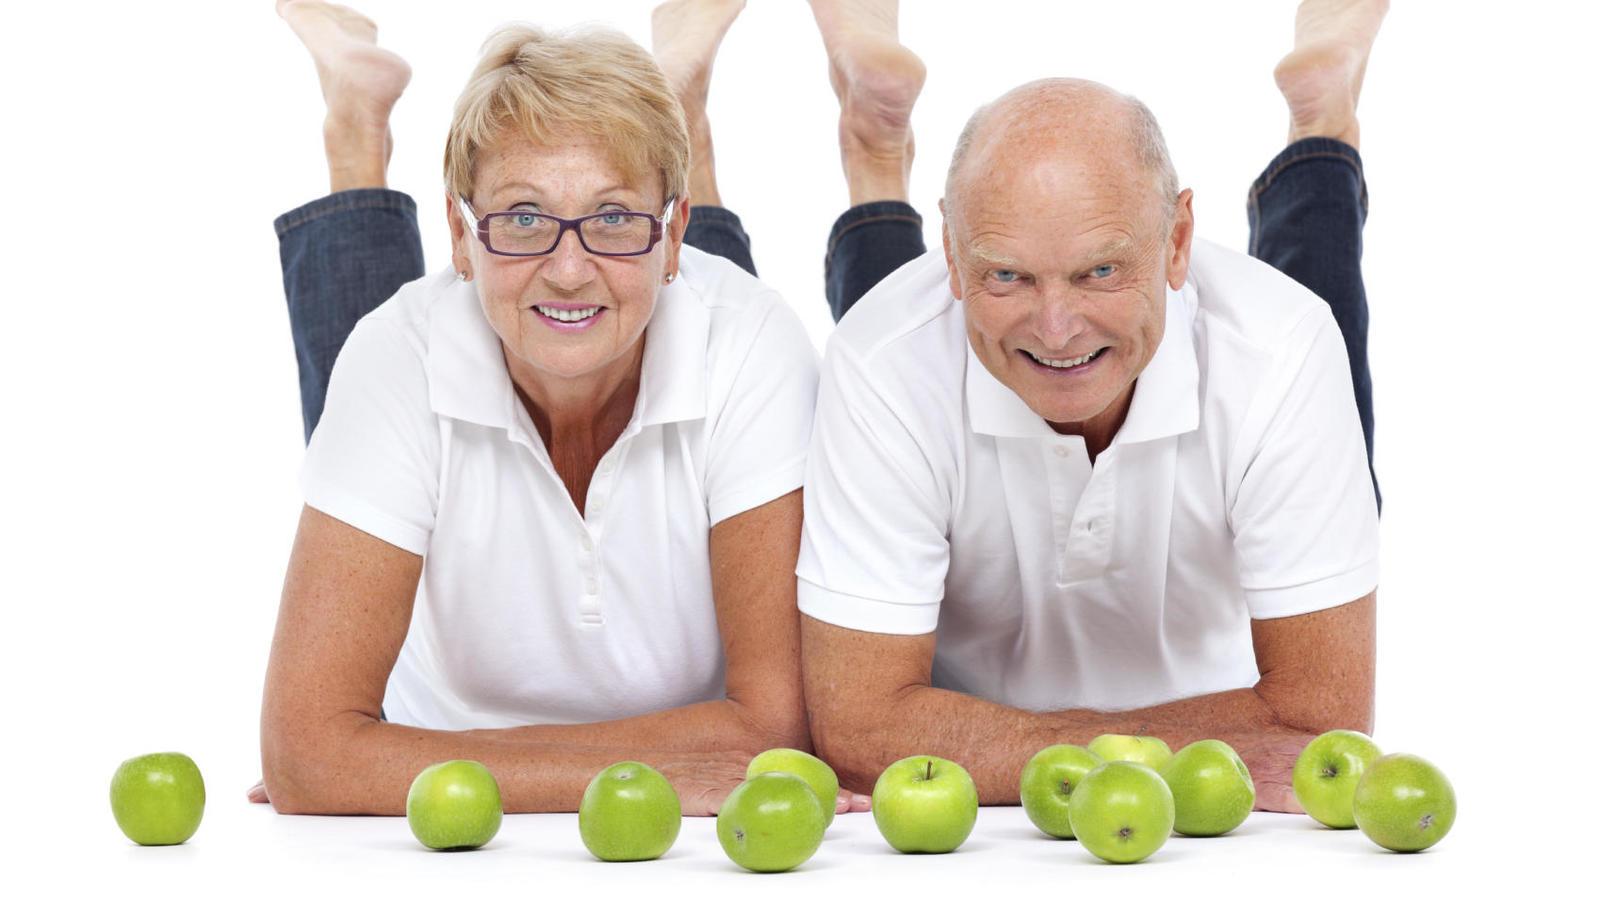 los-10-graves-errores-para-tu-salud-que-sueles-cometer-cuando-llegas-a-los-40-anos